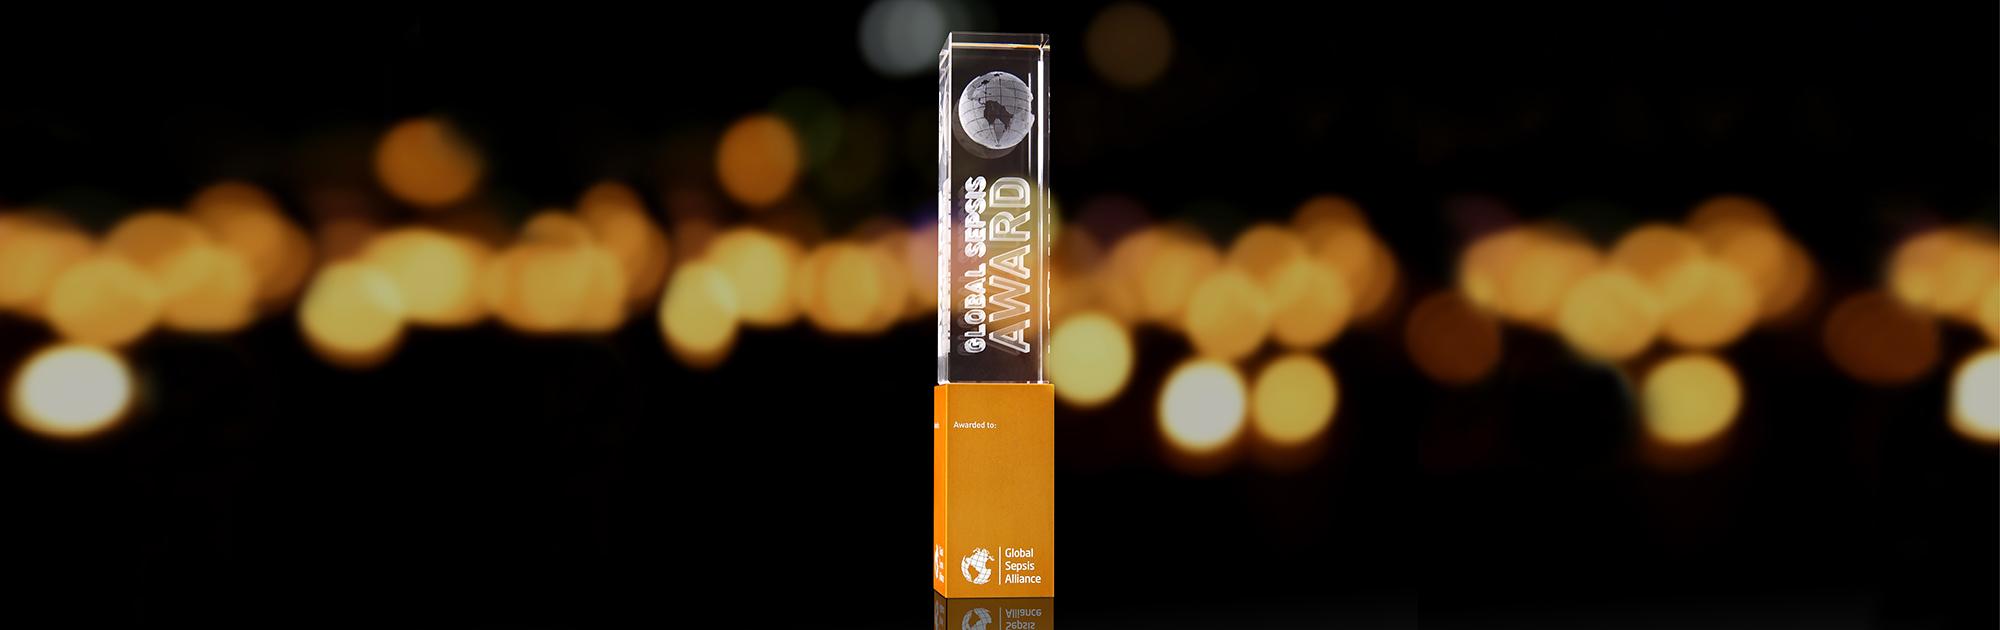 GSA Awards New Wide 2000pxx630px.jpg